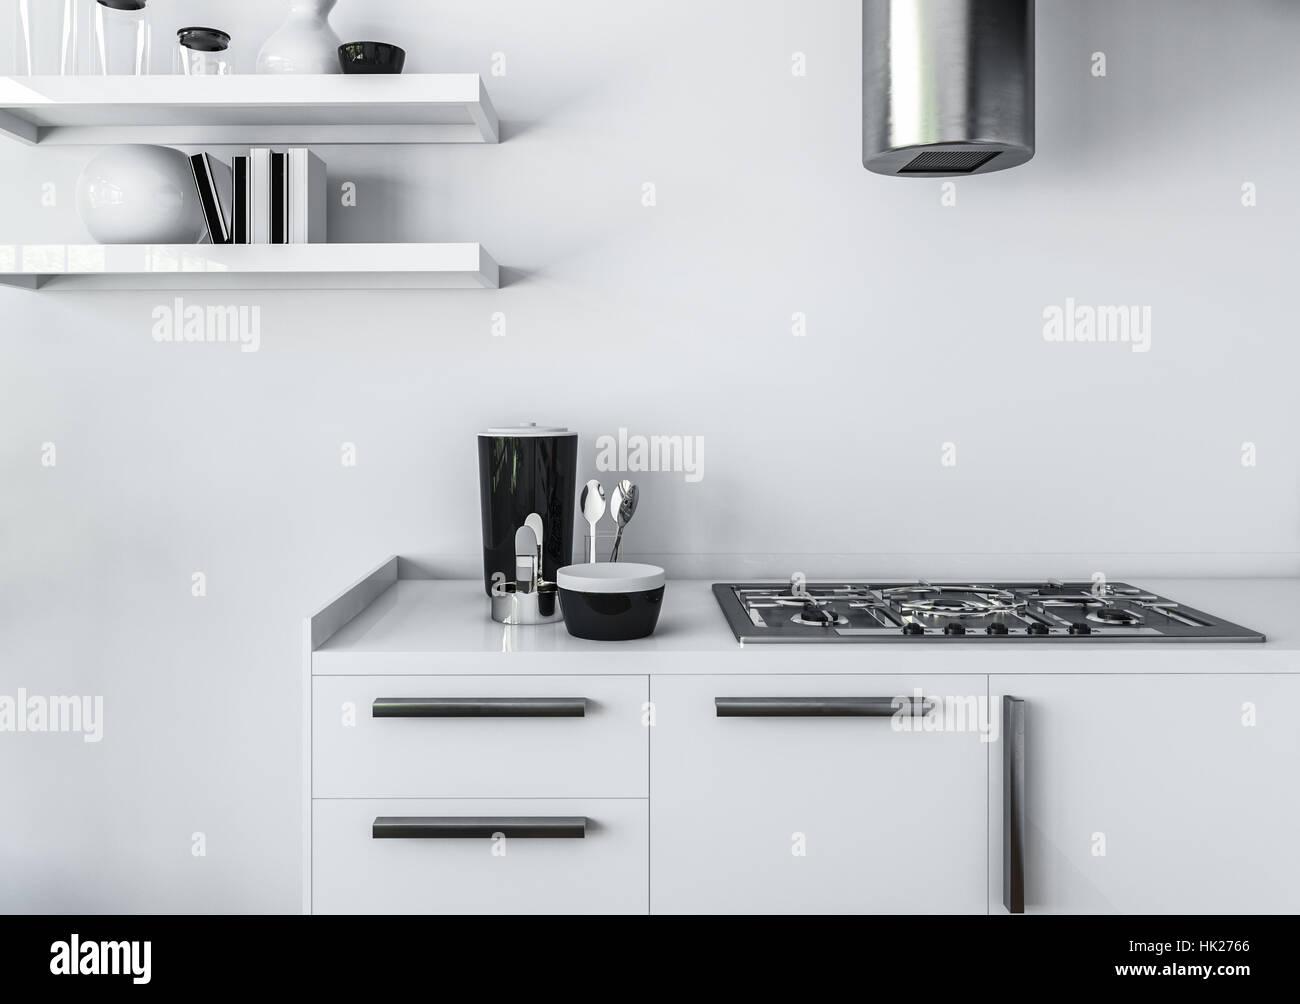 Cuisine Moderne Design Intérieur Minimaliste Concept, Du0027un Mobilier Blanc  Et Cuisinière à Gaz Avec Tuyau Brillant De Hotte, Contre Mur Blanc. Le  Rendu 3d.